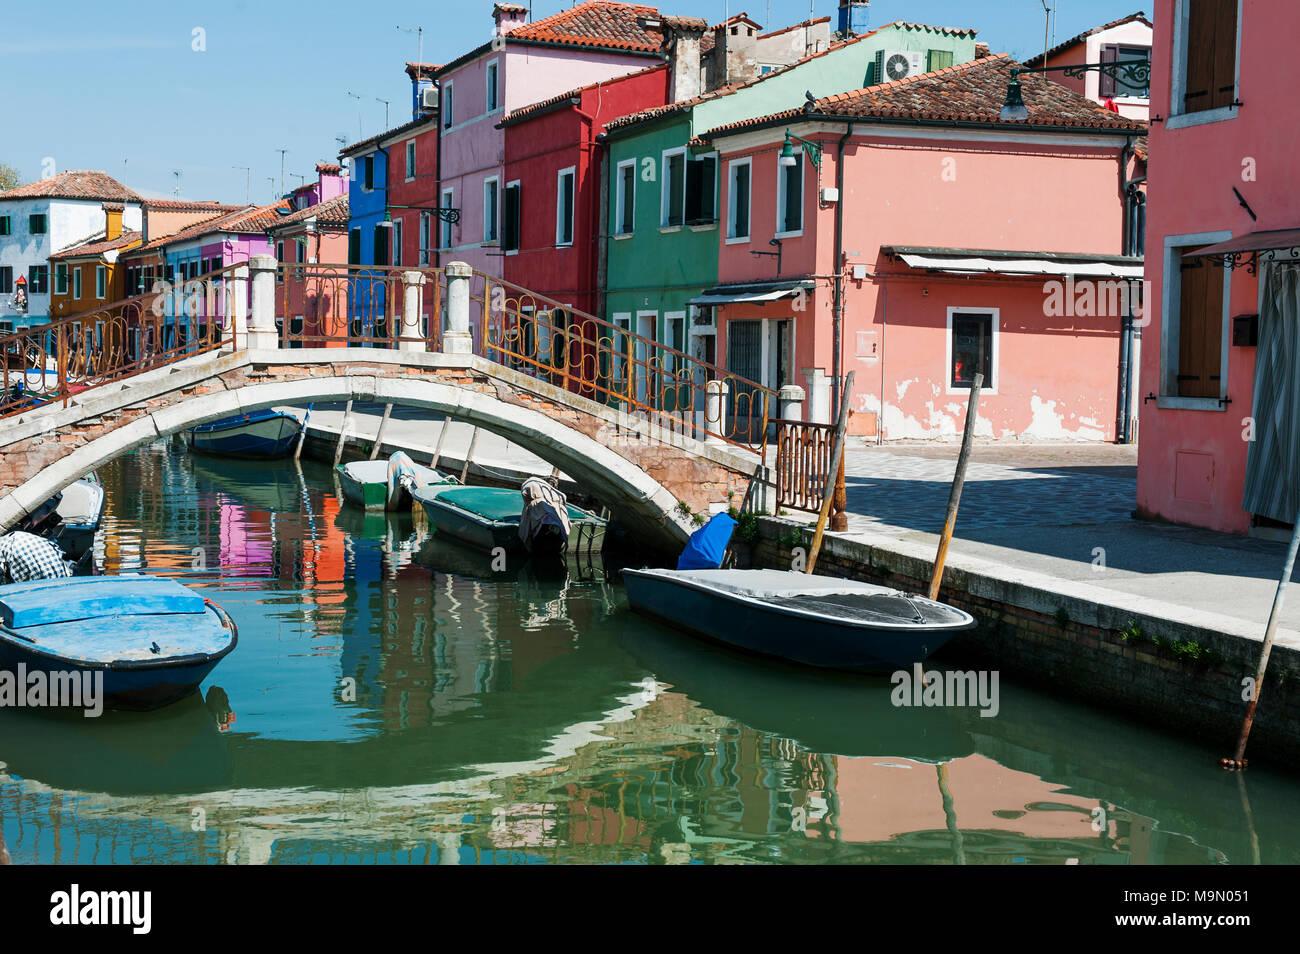 Isola di Burano Venezia Italia - Bella vista del canal, case colorate, barche e un ponte Immagini Stock